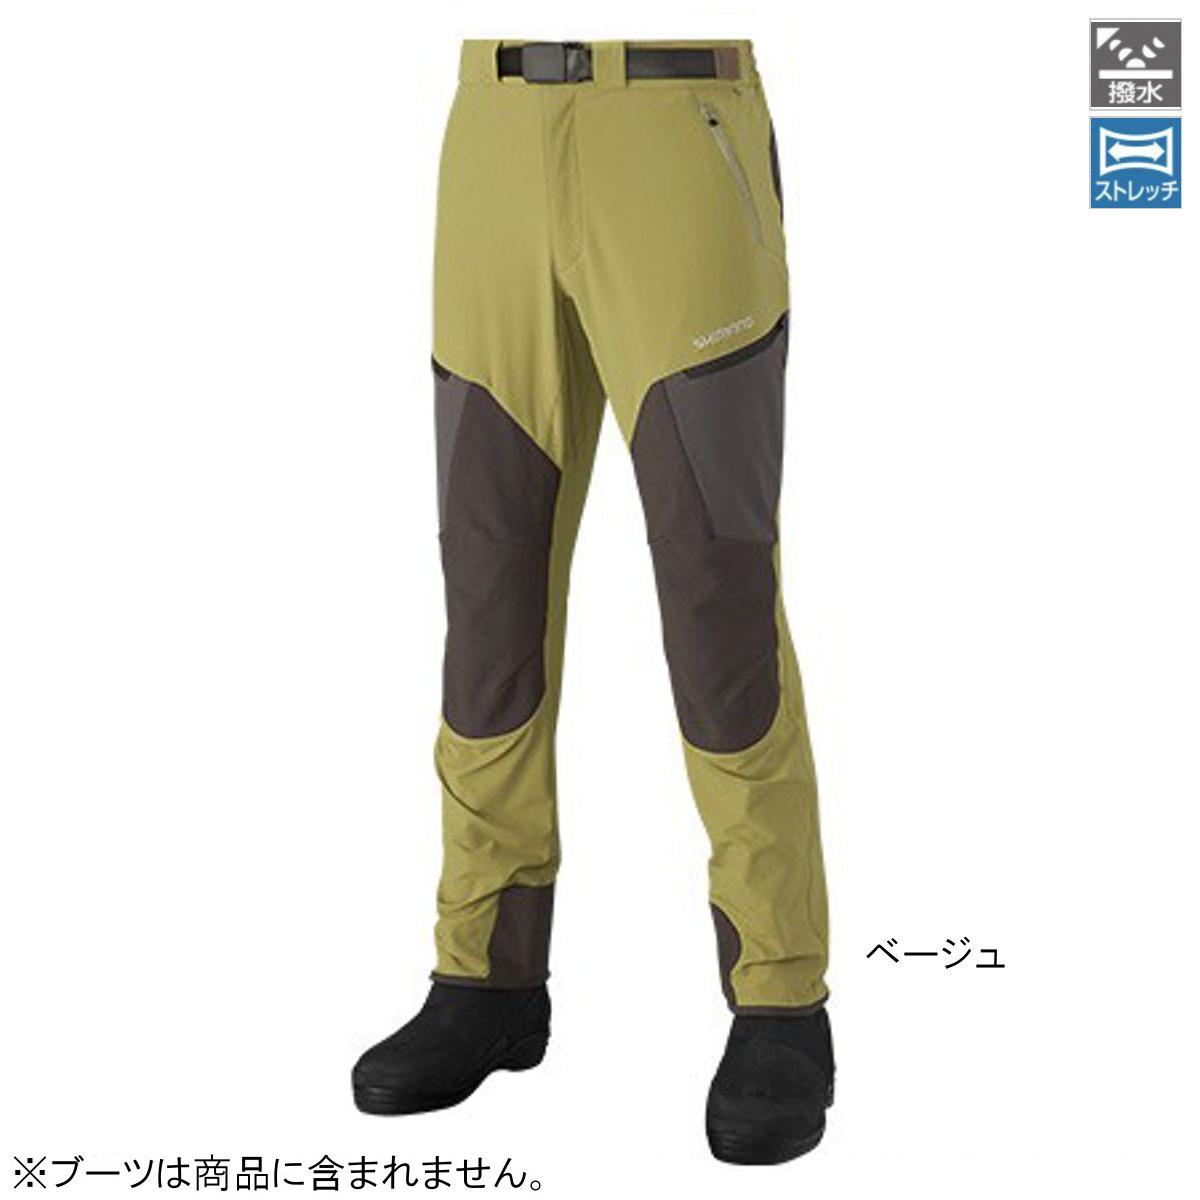 シマノ 撥水ストレッチパンツ PA-041R M ベージュ(東日本店)